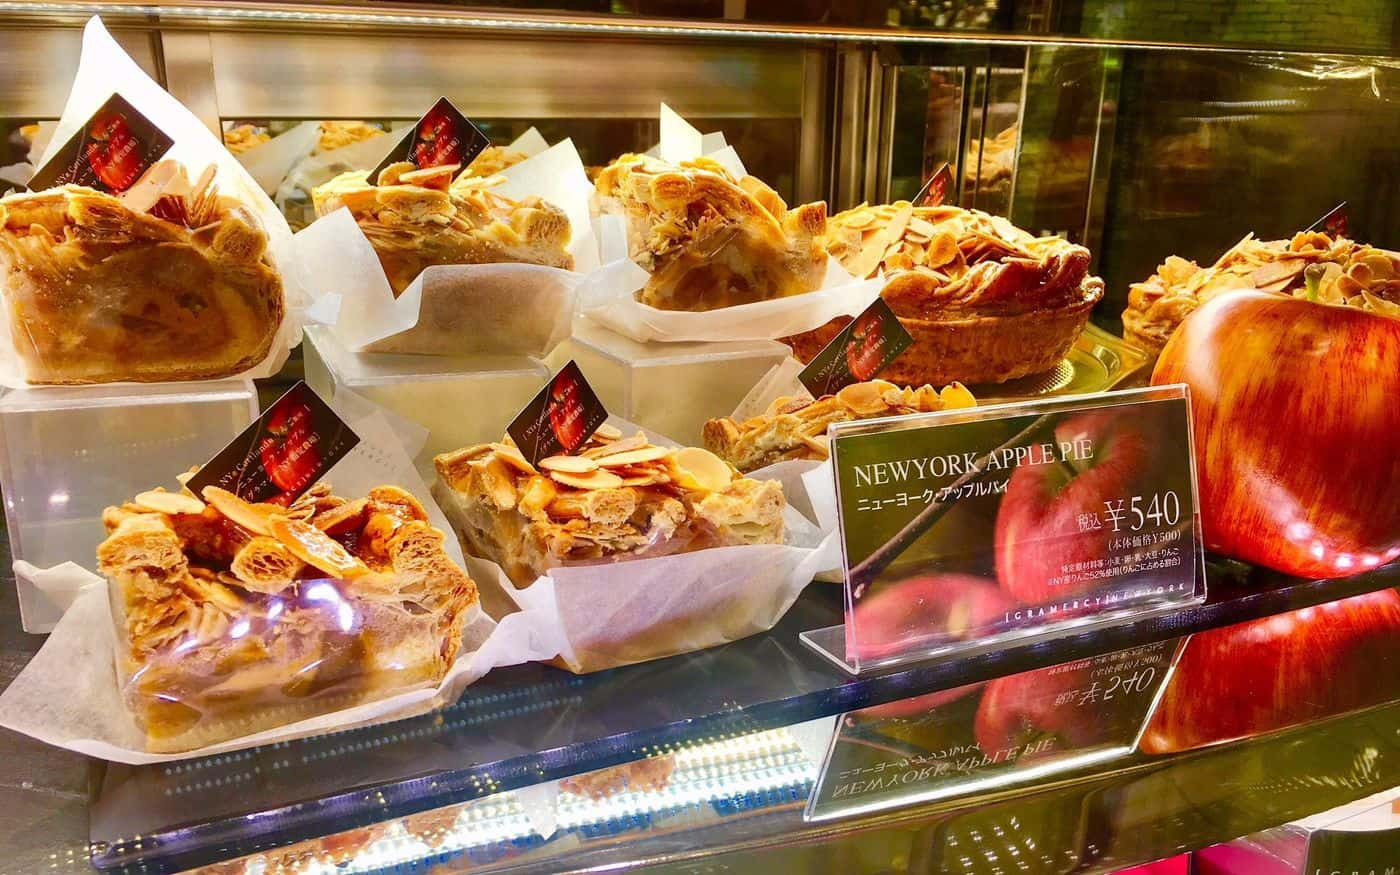 Newyork apple pie